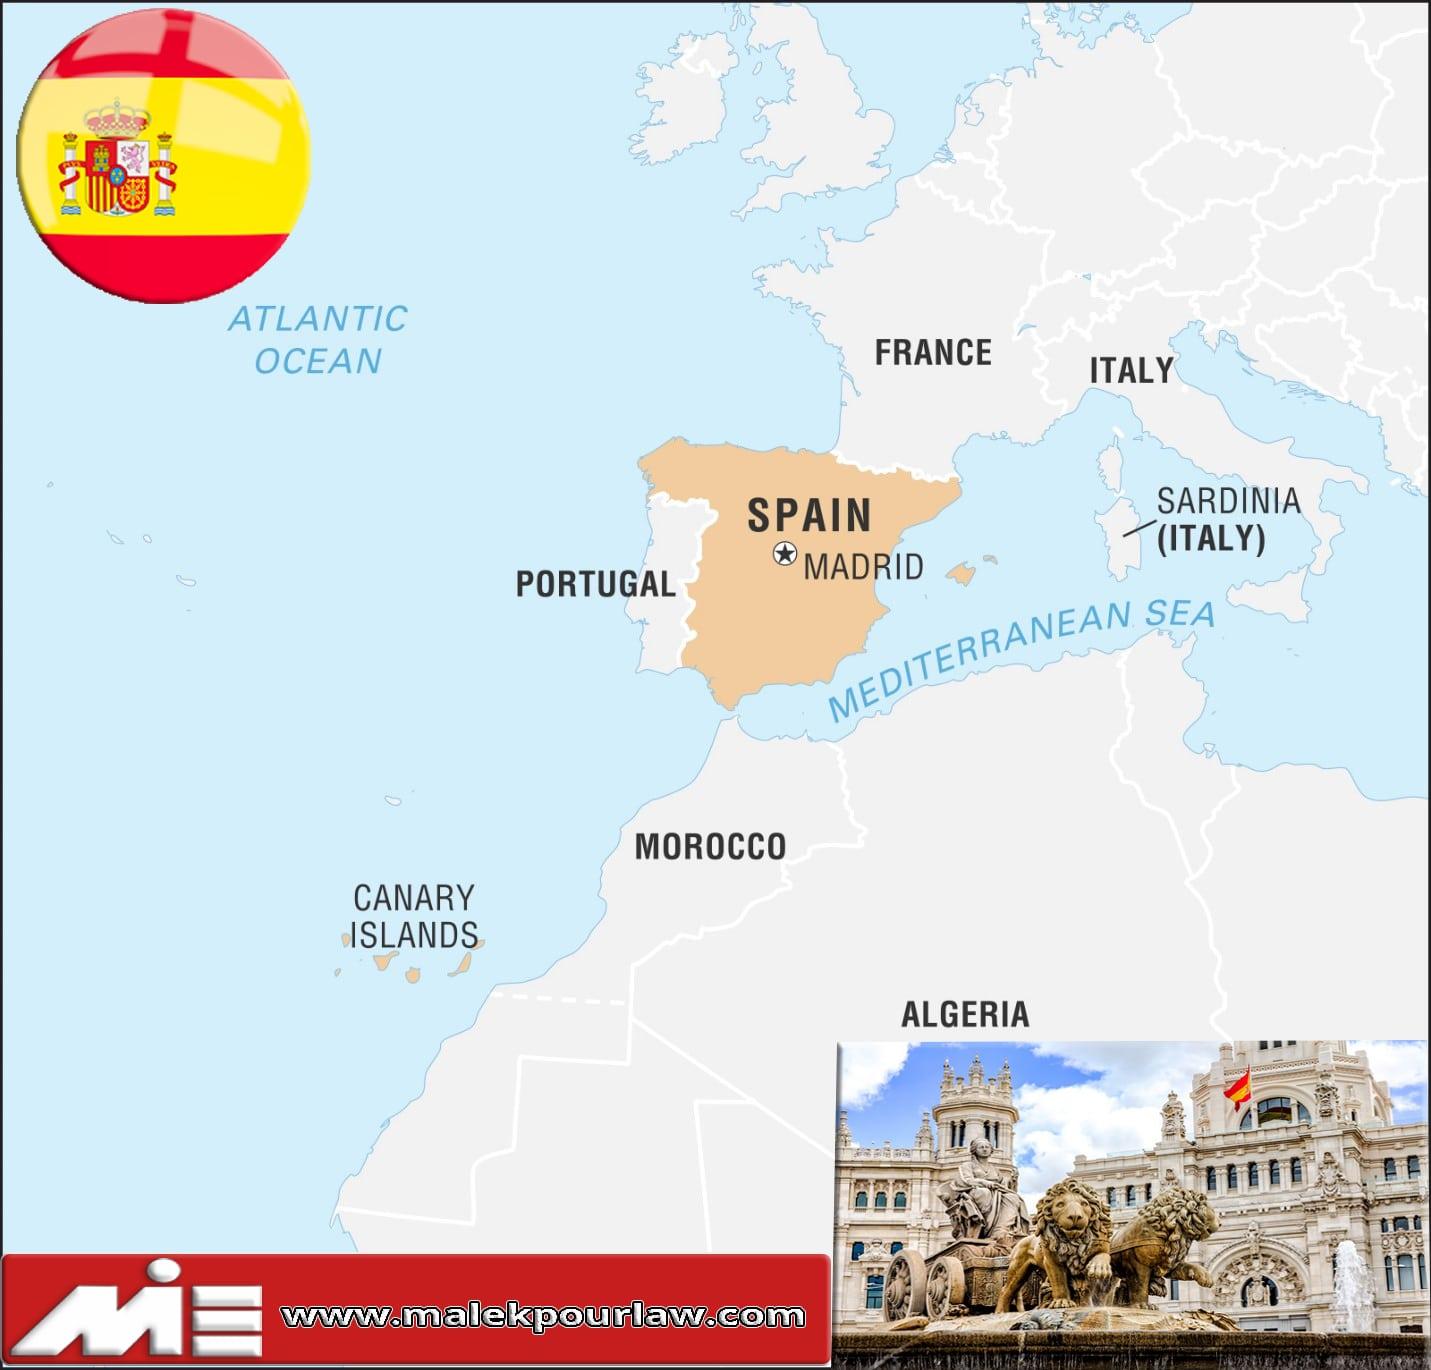 نقشه اسپانیا - مهاجرت به اسپانیا - اقامت اسپانیا - اسپانیا کجاست؟